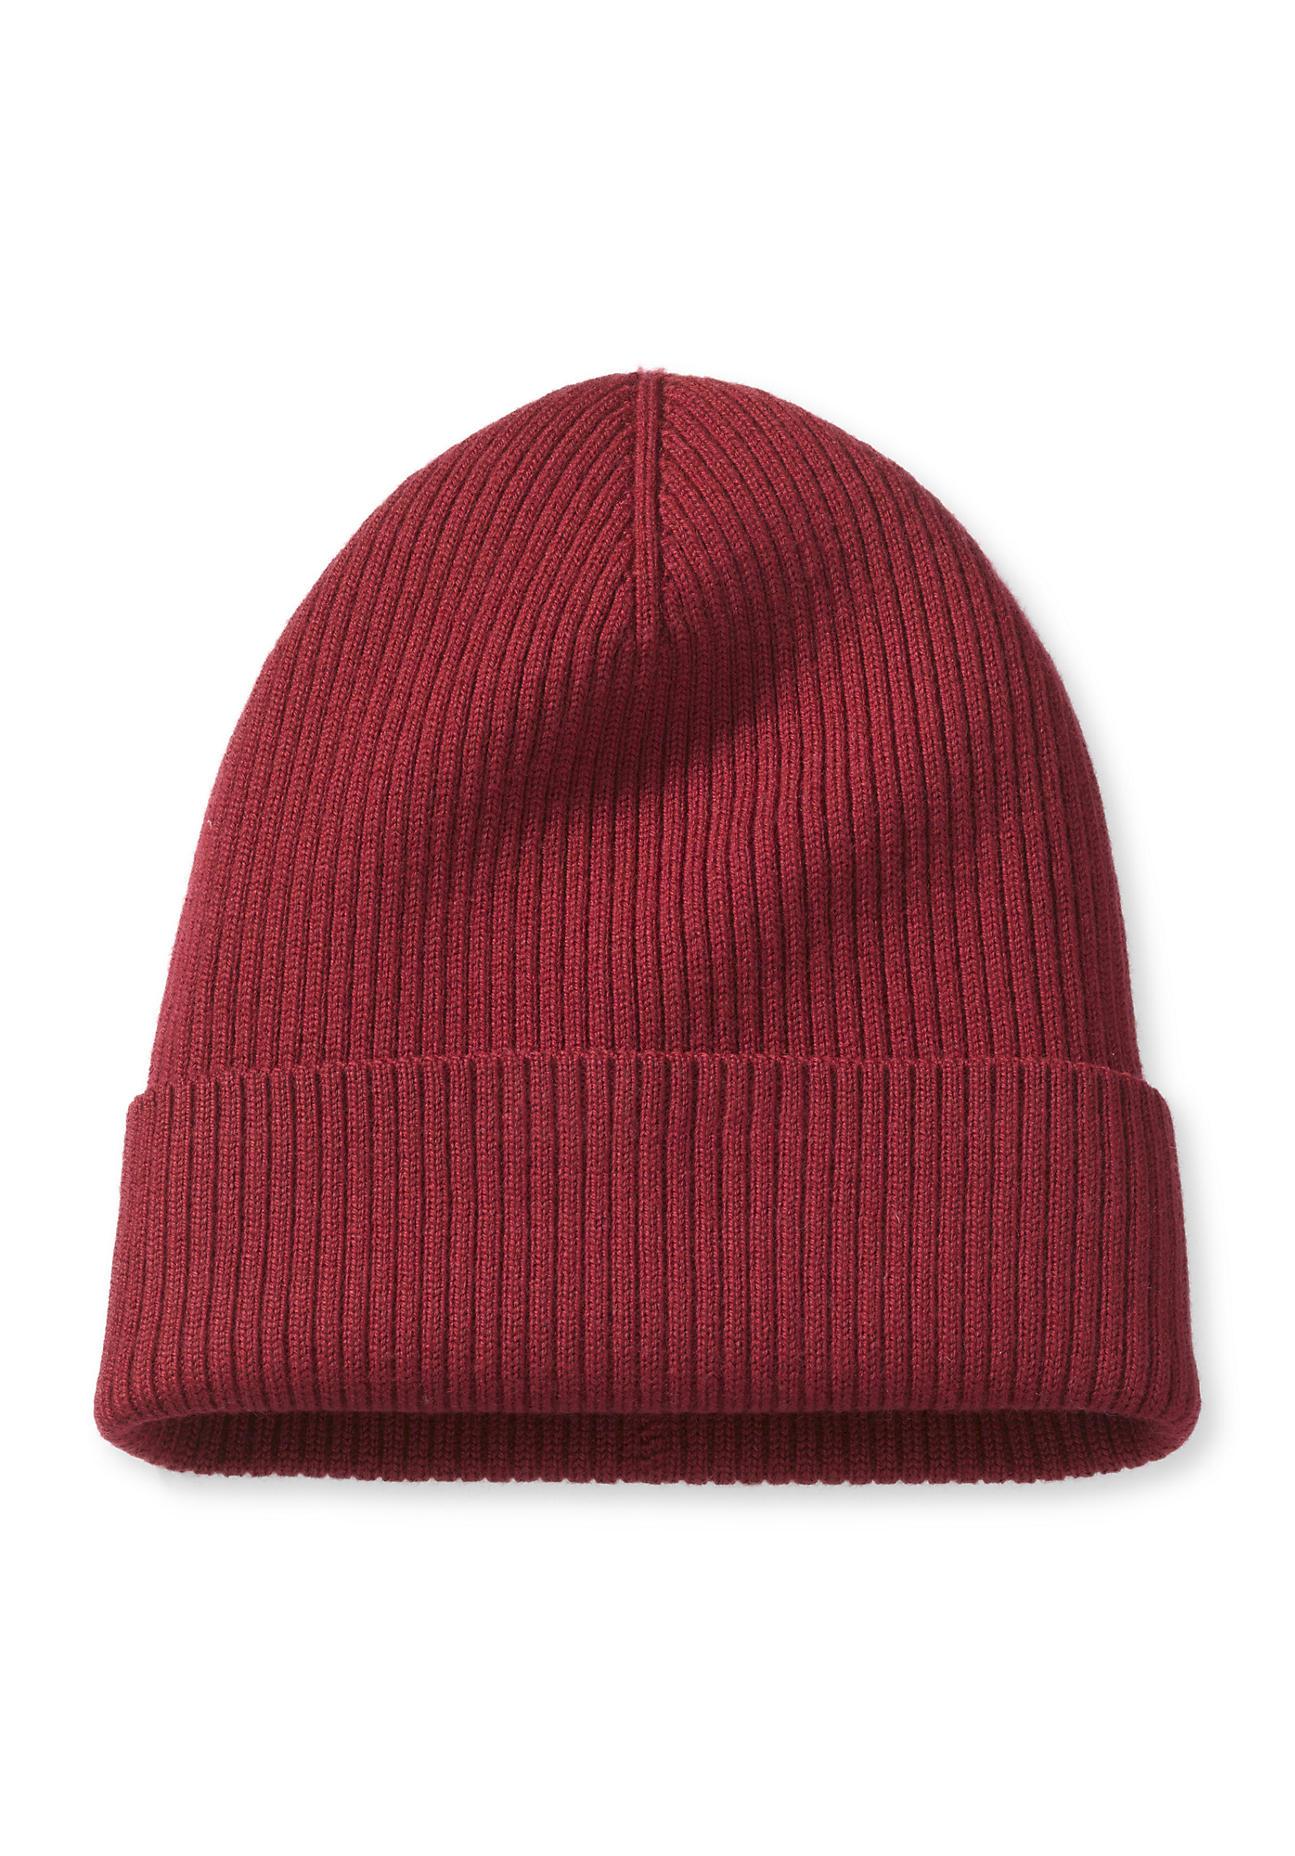 hessnatur Herren Mütze aus Merinowolle – rot – Größe 21,5x21,5 cm